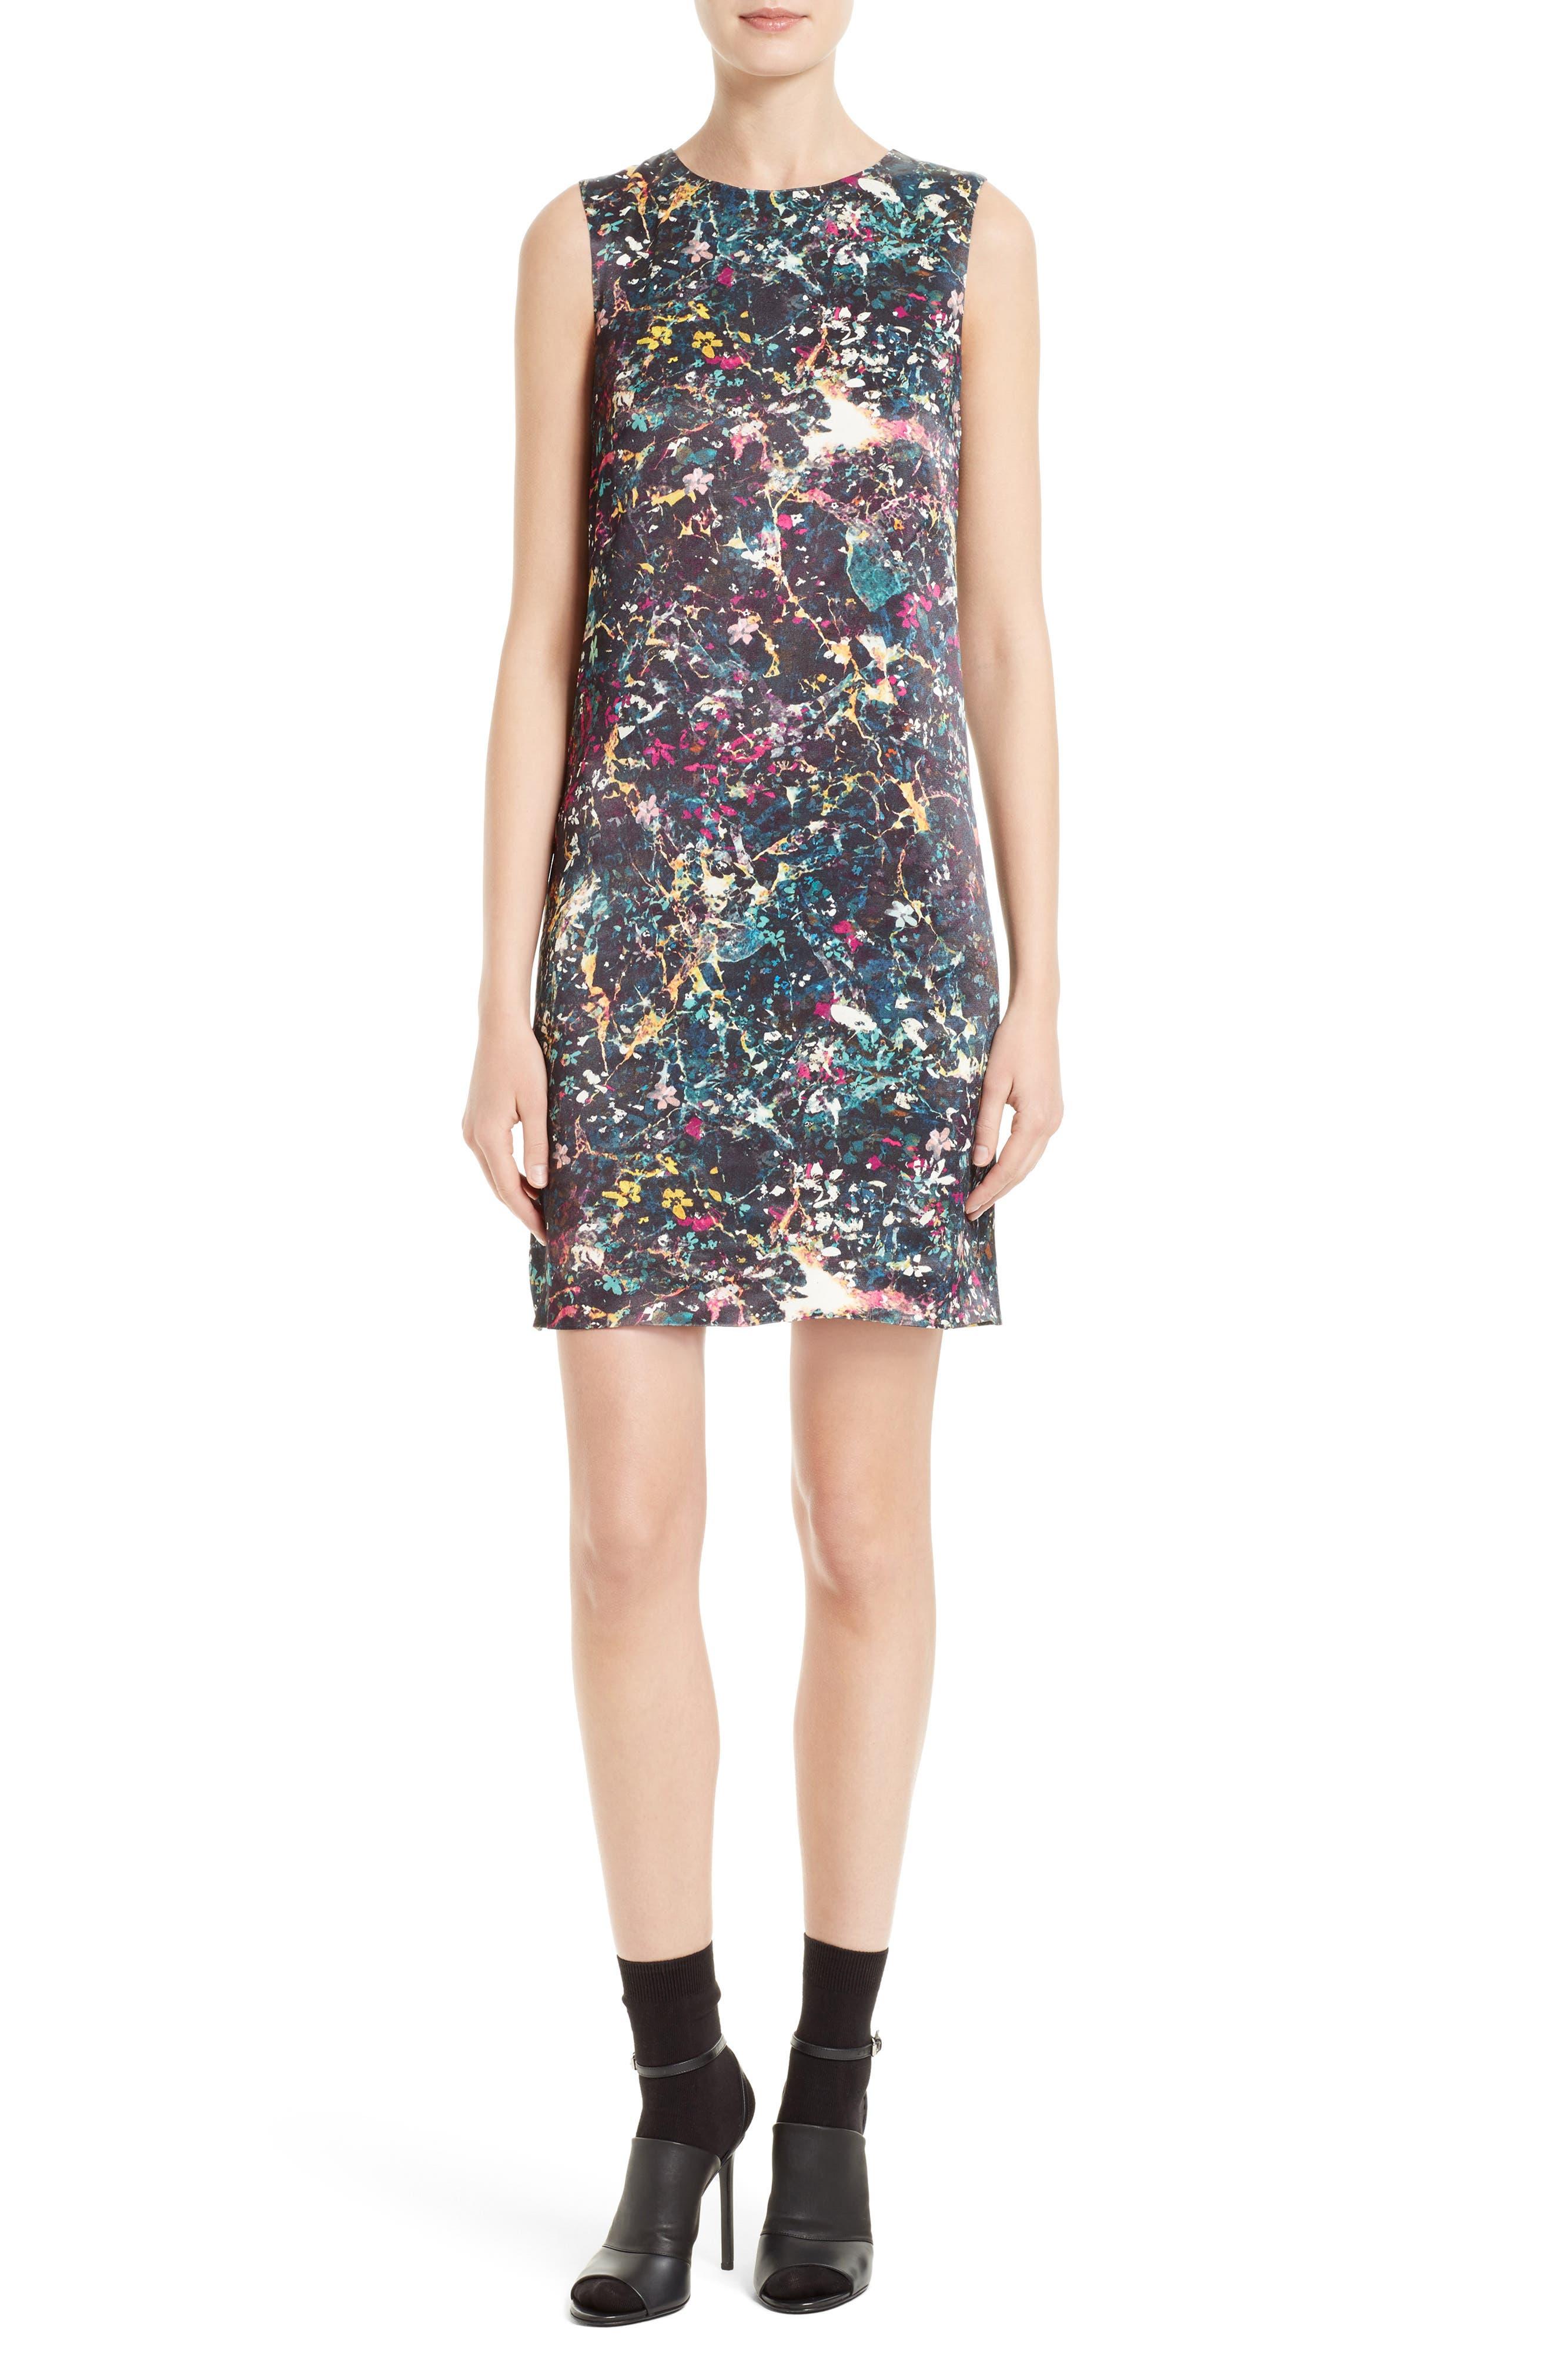 M Missoni Floral Print Sheath Dress